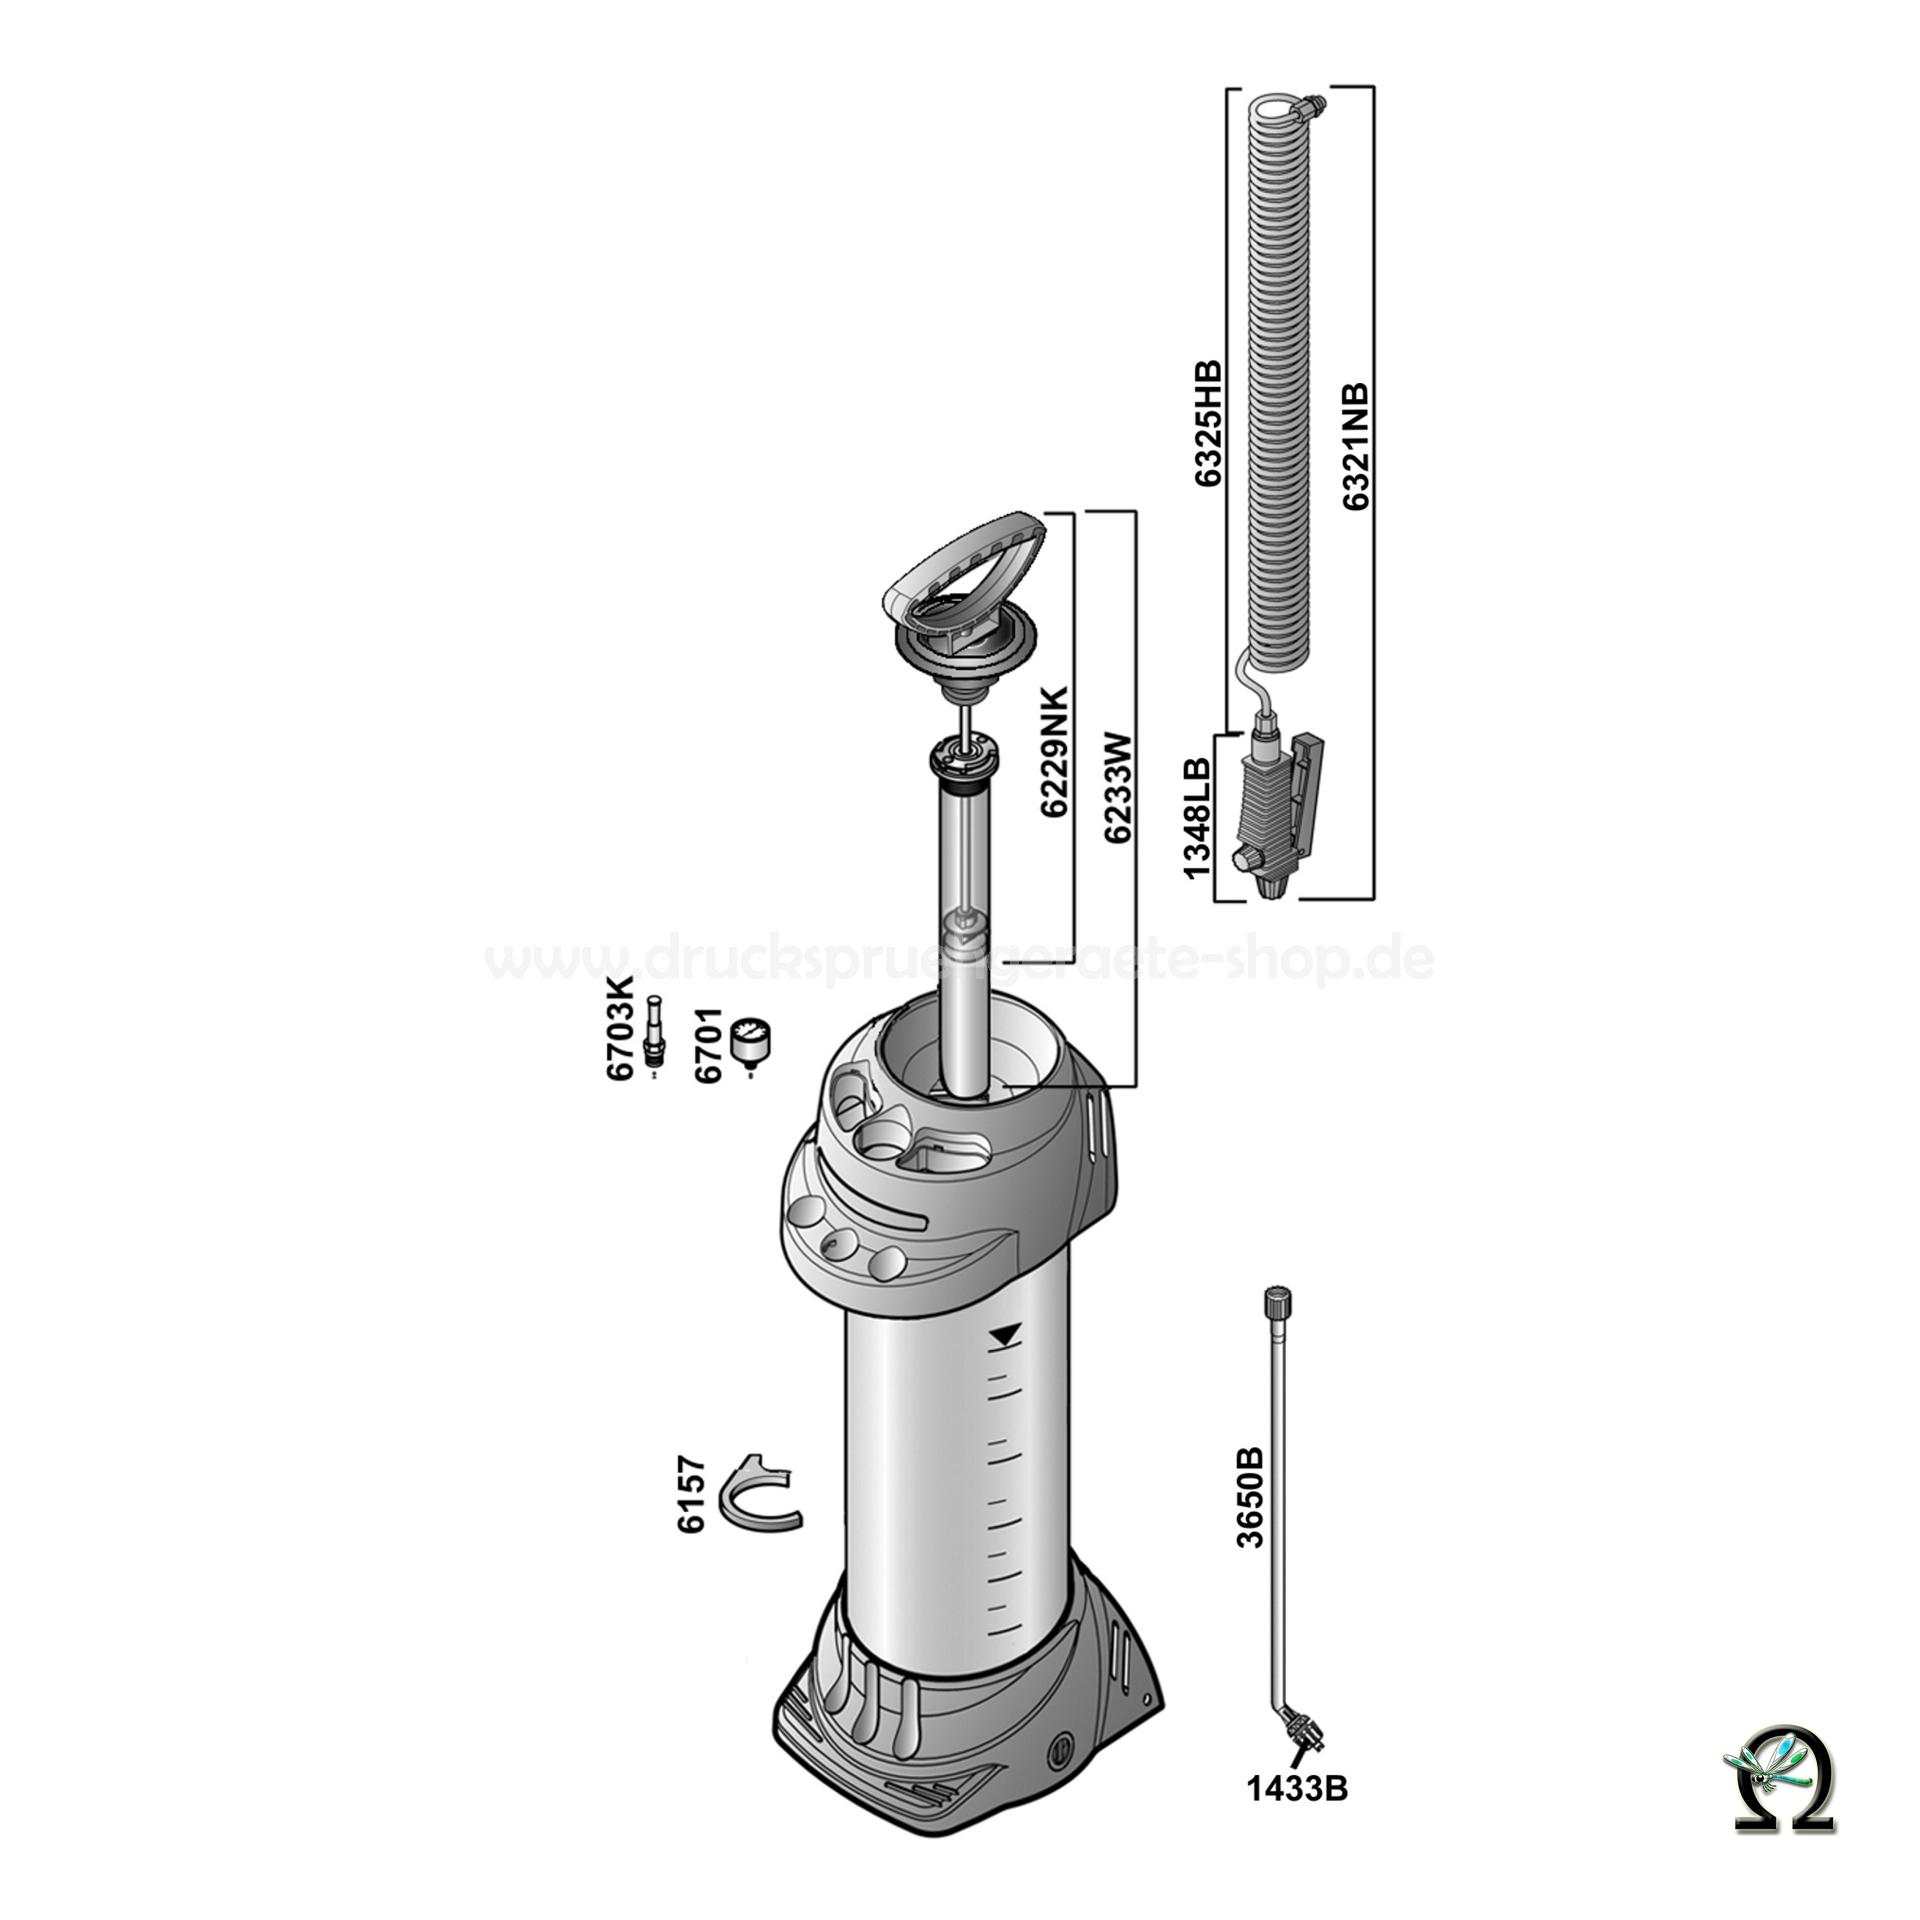 Mesto Hochdrucksprühgerät 3595FB INOX PLUS - 6 Liter, Zeichnung der Einzelteile